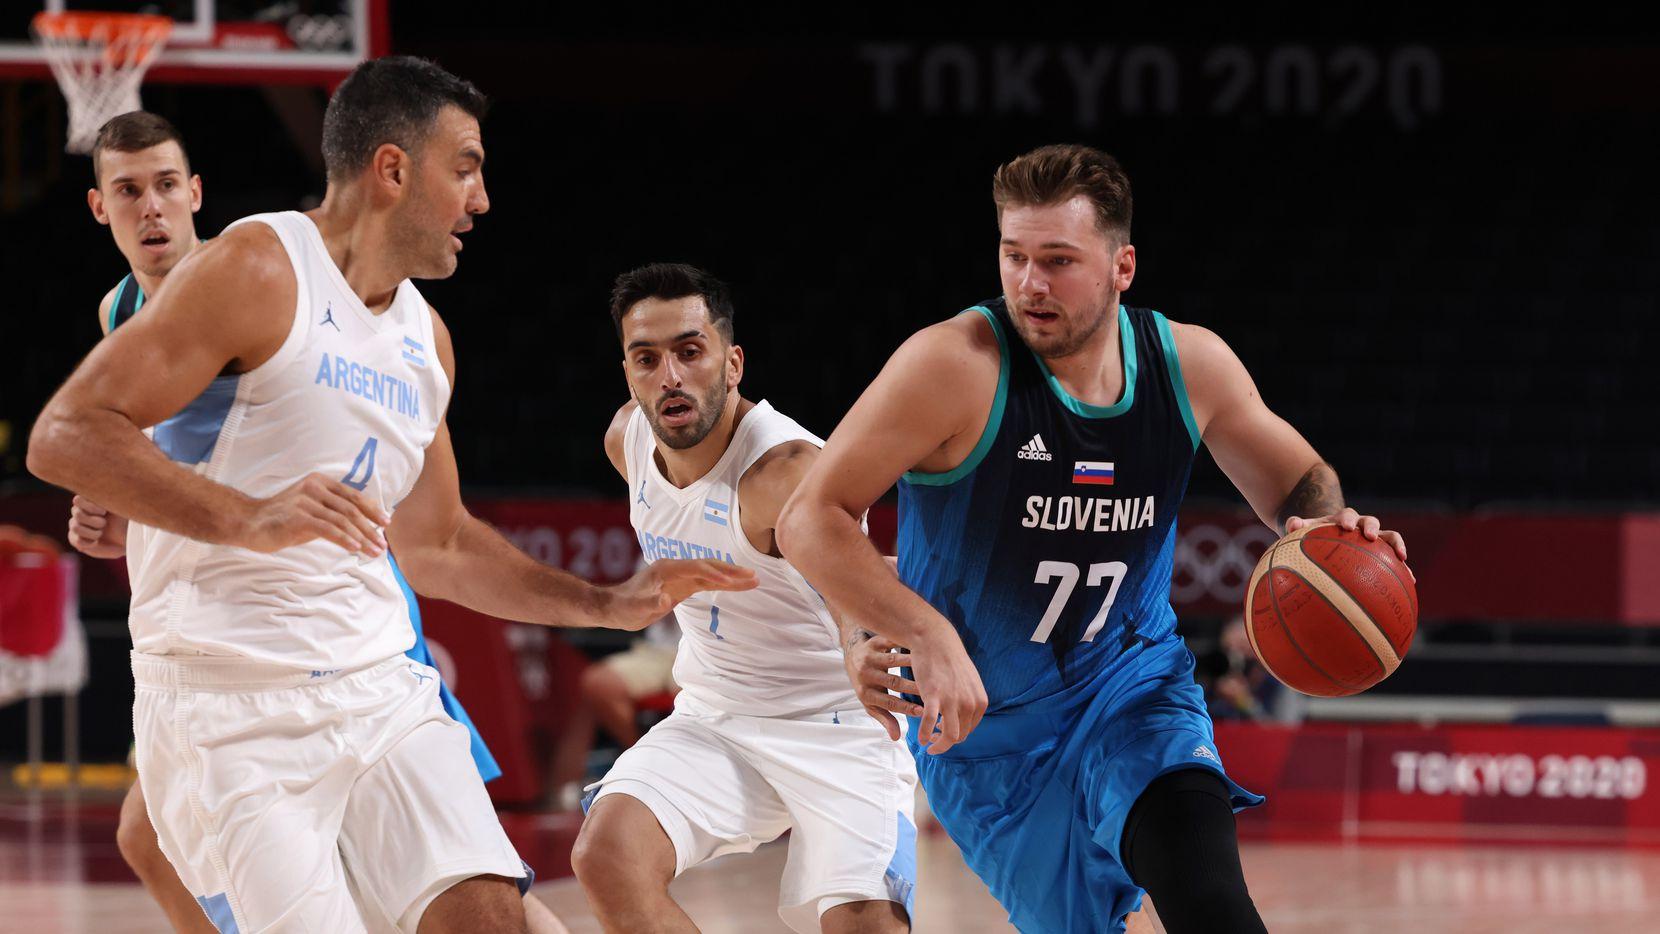 El esloveno Luka Doncic (77) maneja el balón en el juego de la fase de grupos del torneo olímpico de Tokio 2020 que enfrentó a su equipo con Argentina, el 26 de julio de 2021, en Saitama, Japón.